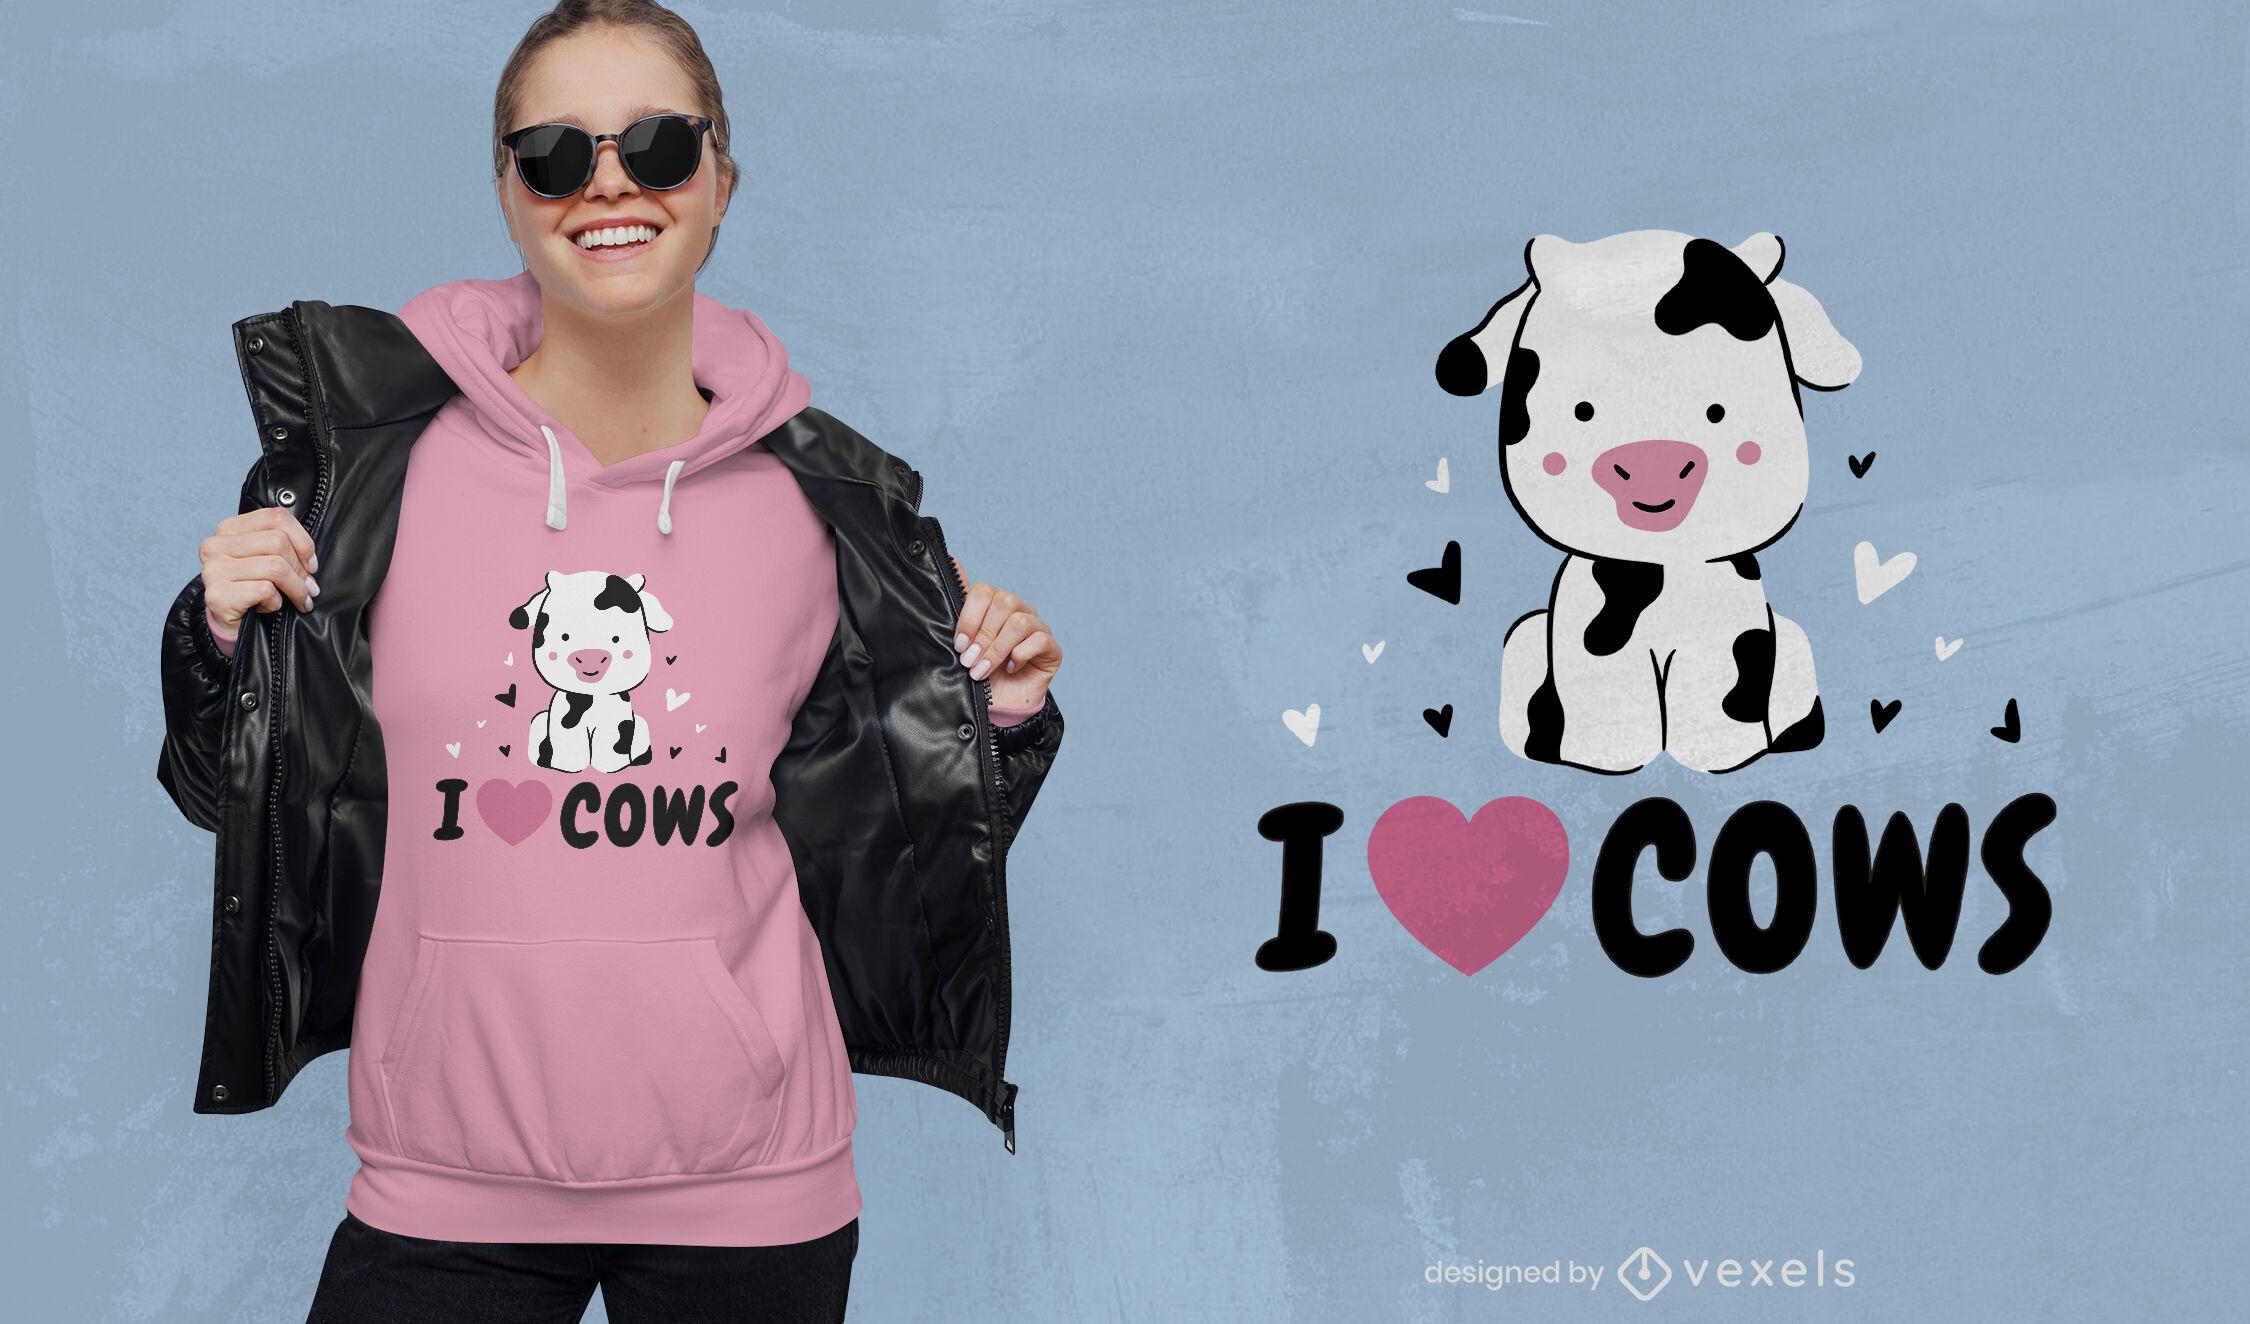 Cute I love cows t-shirt design